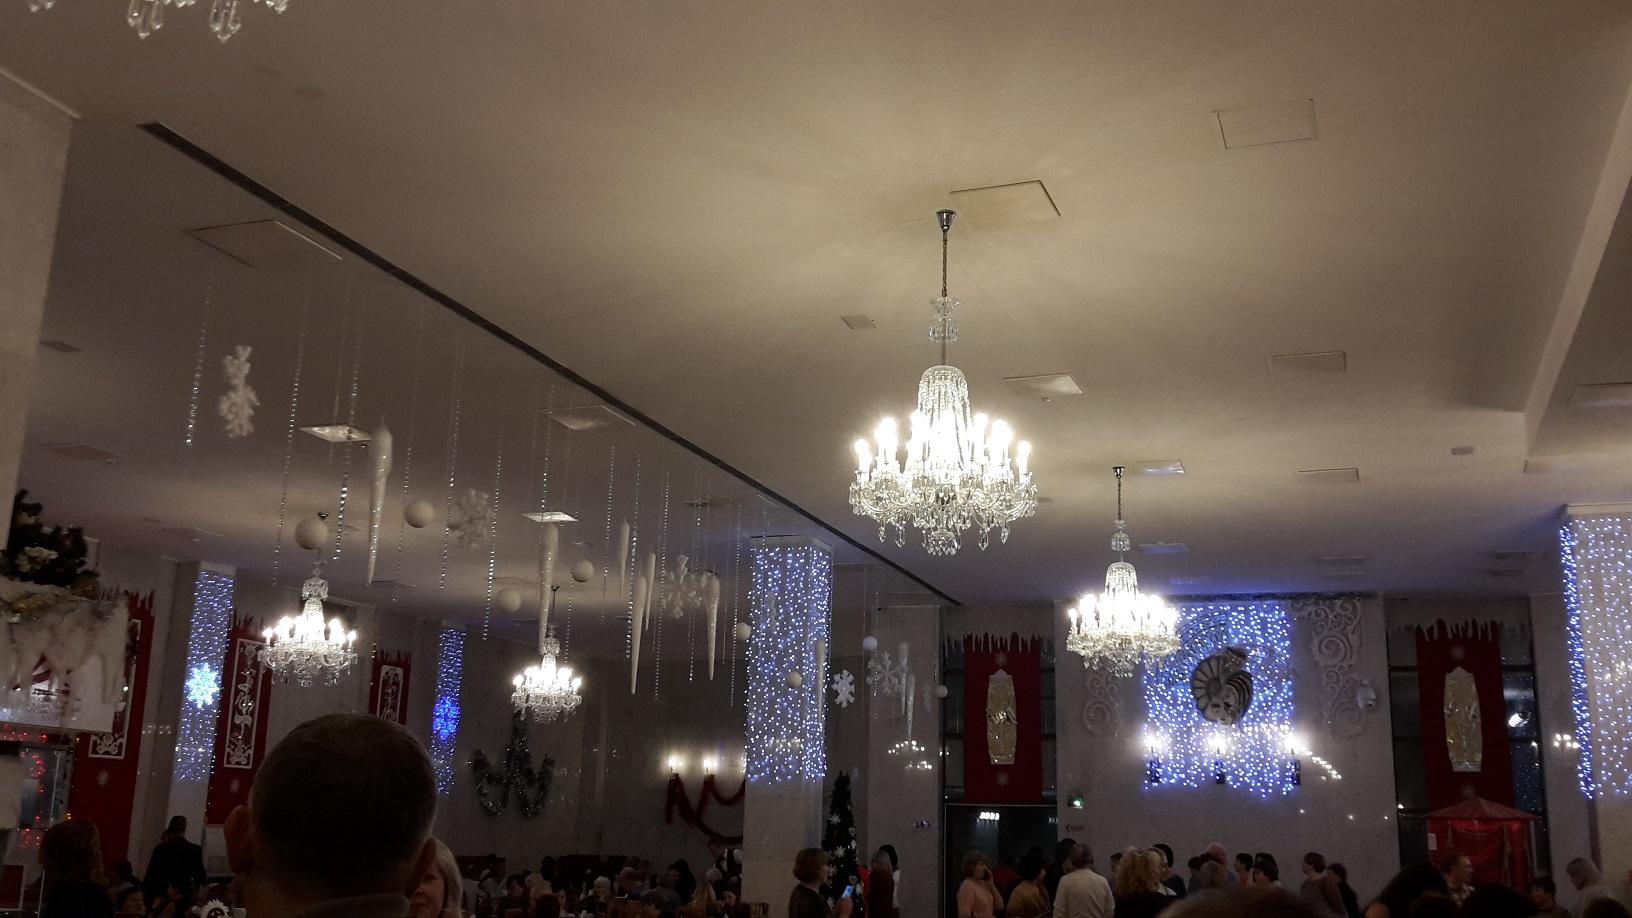 потолок и стены муз театра на втором этаже